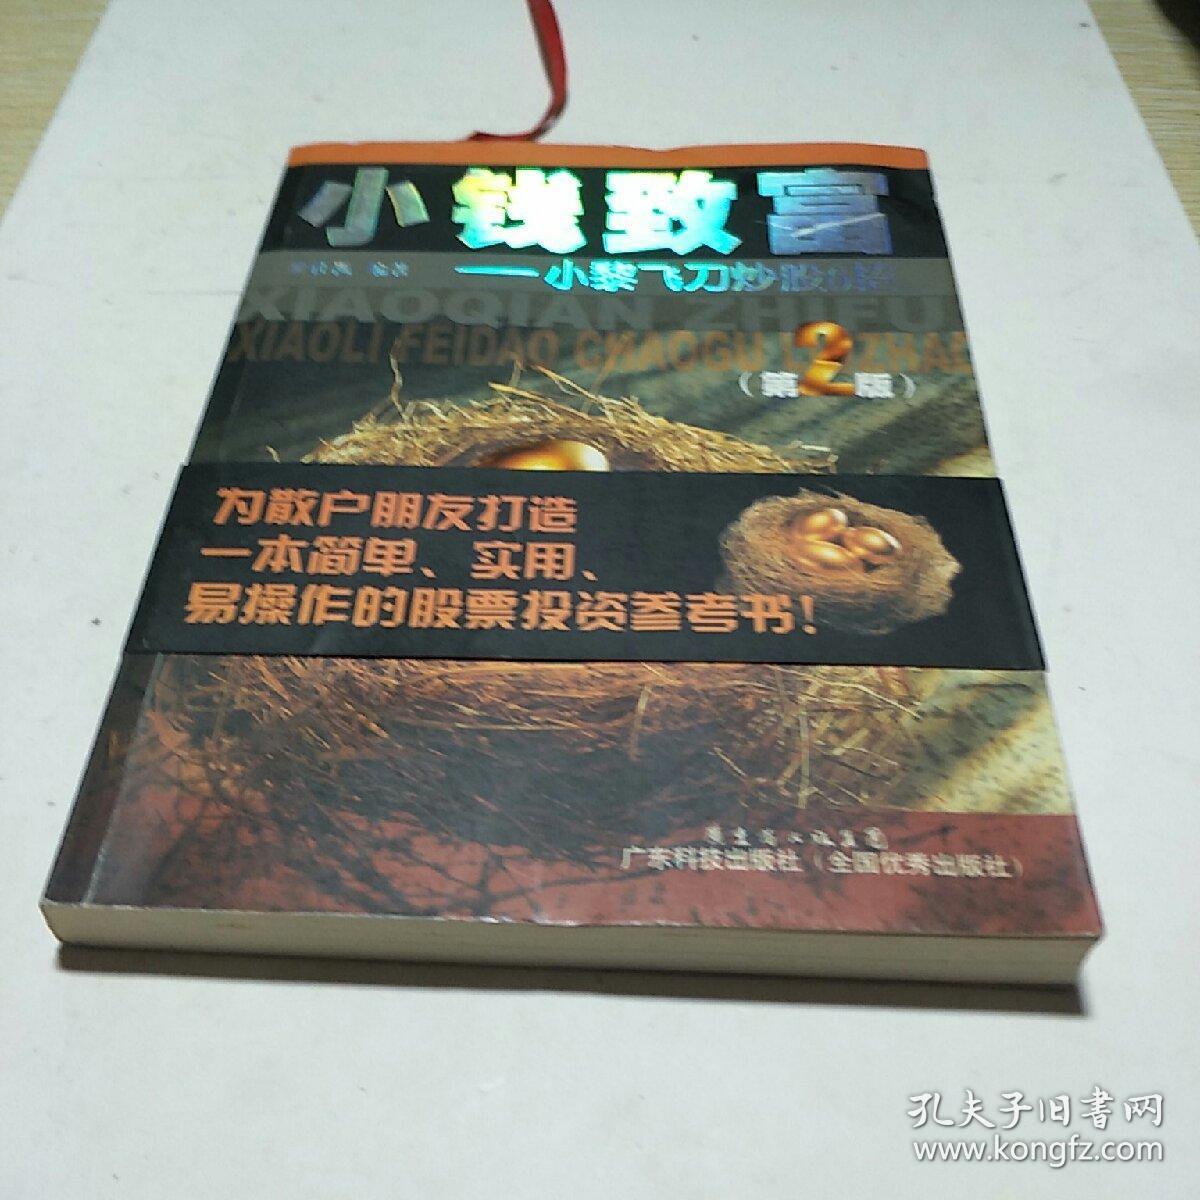 小钱致富——小黎飞刀炒股6招(第2版)